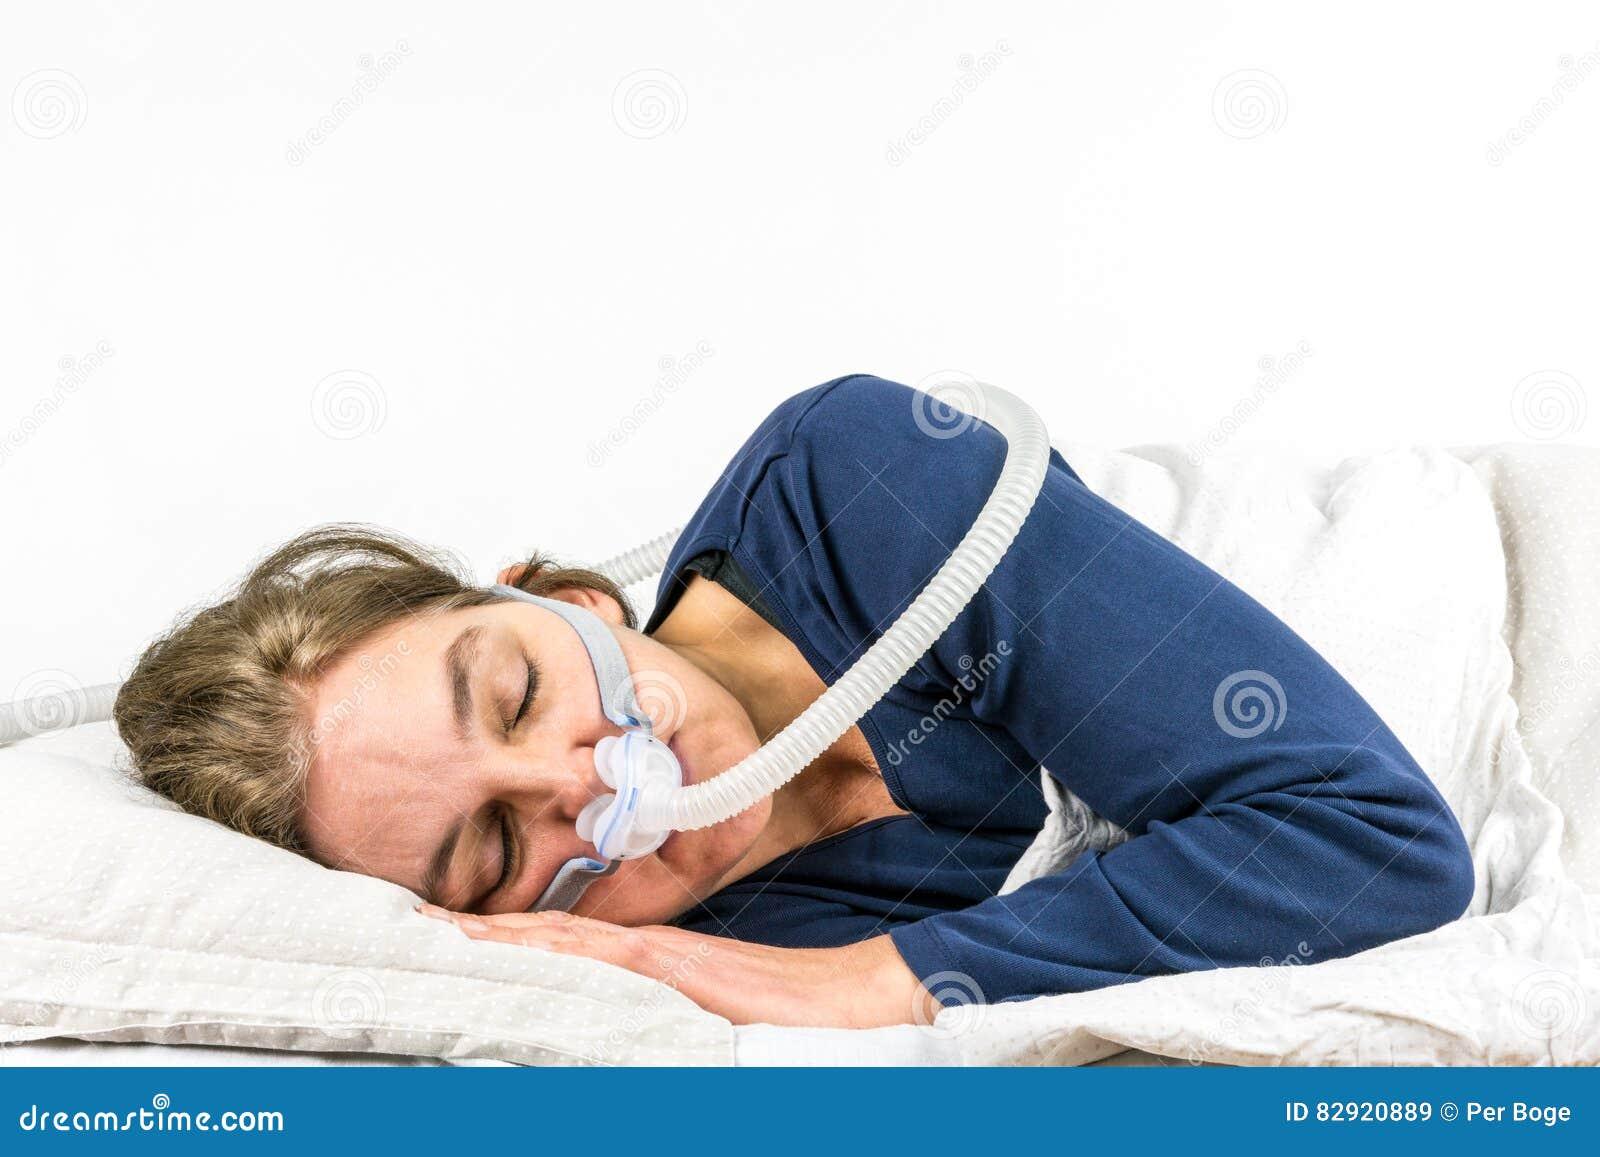 Vrouwenslaap aan haar kant met CPAP, de behandeling van slaapapnea